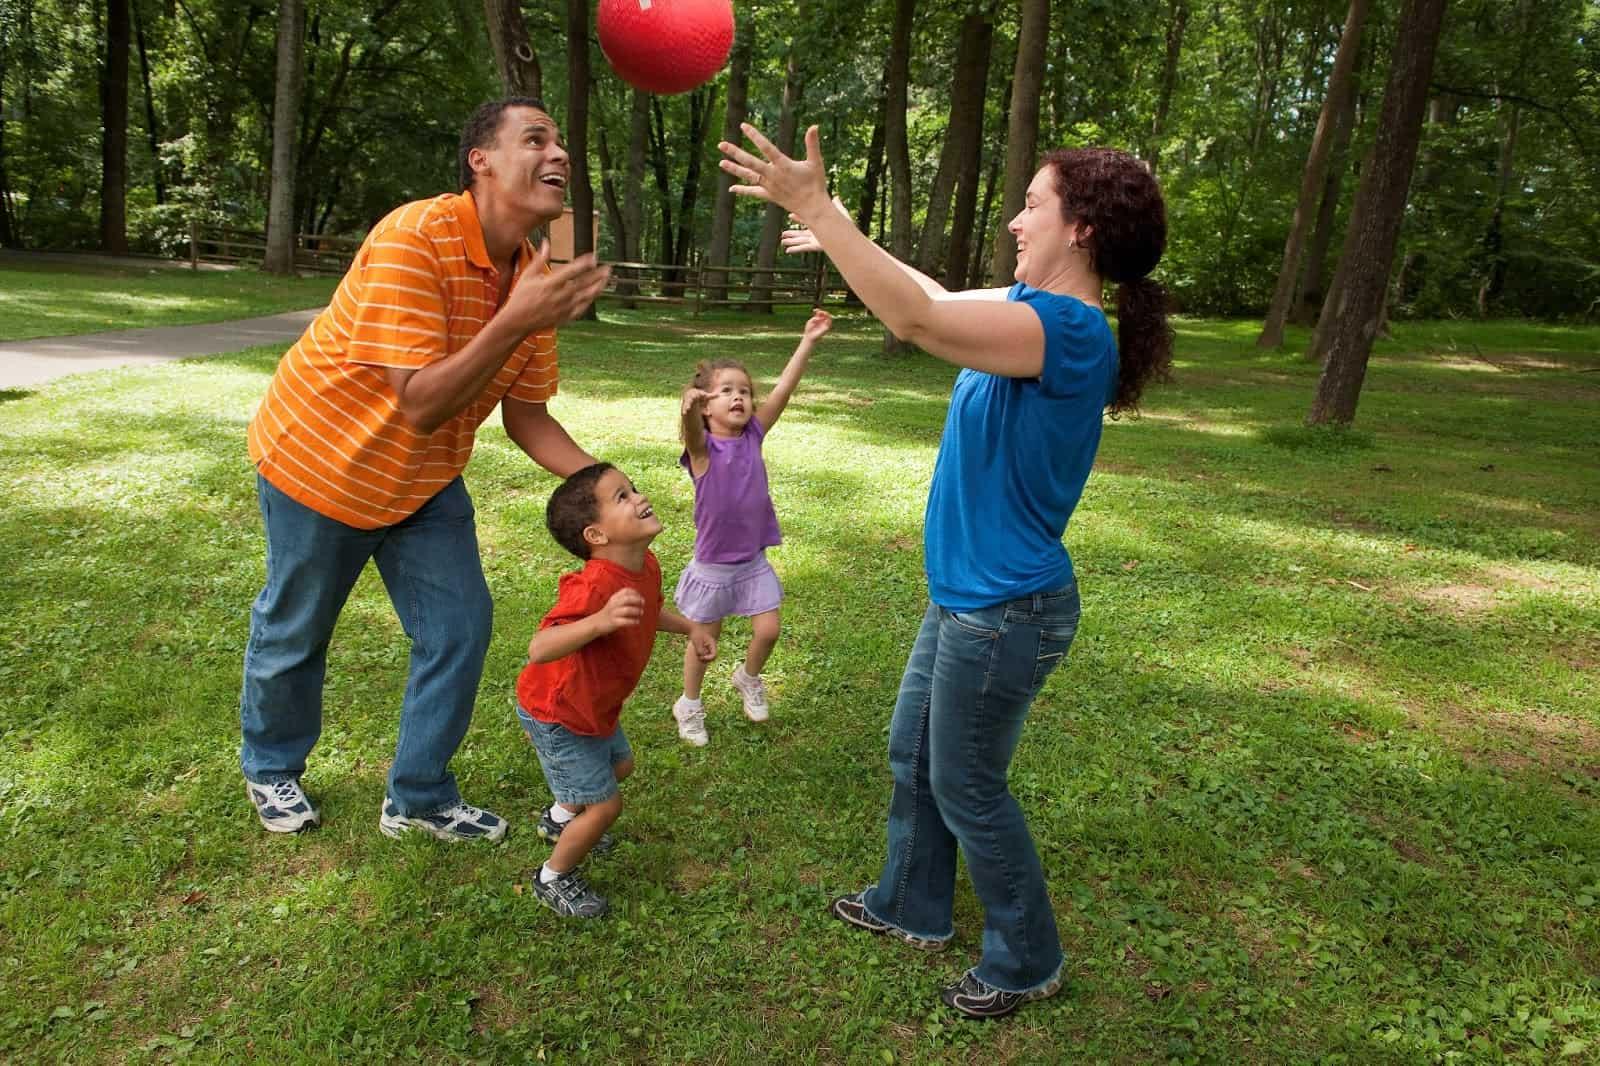 bai-tap-phat-trien-the-chat-o-tre-mam-non 5 bài tập phát triển thể chất ở trẻ mầm non đơn giản mà hiệu quả